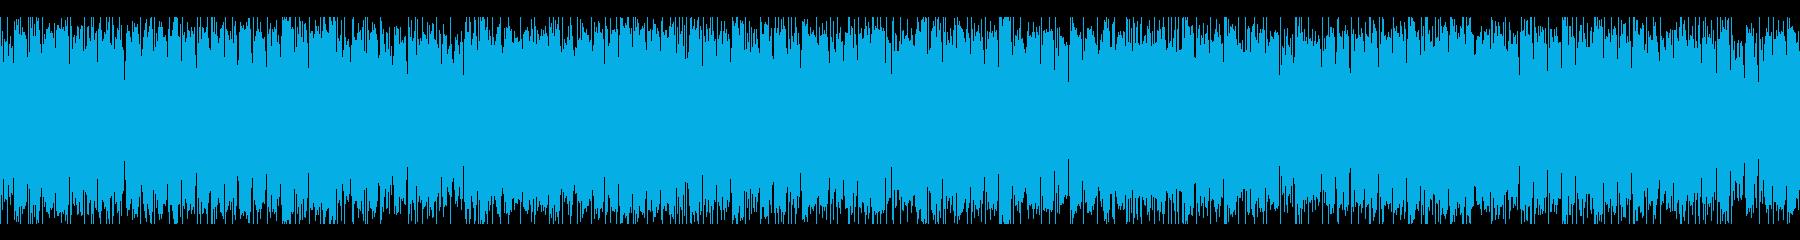 ゆったりとしたSynthWaveの再生済みの波形